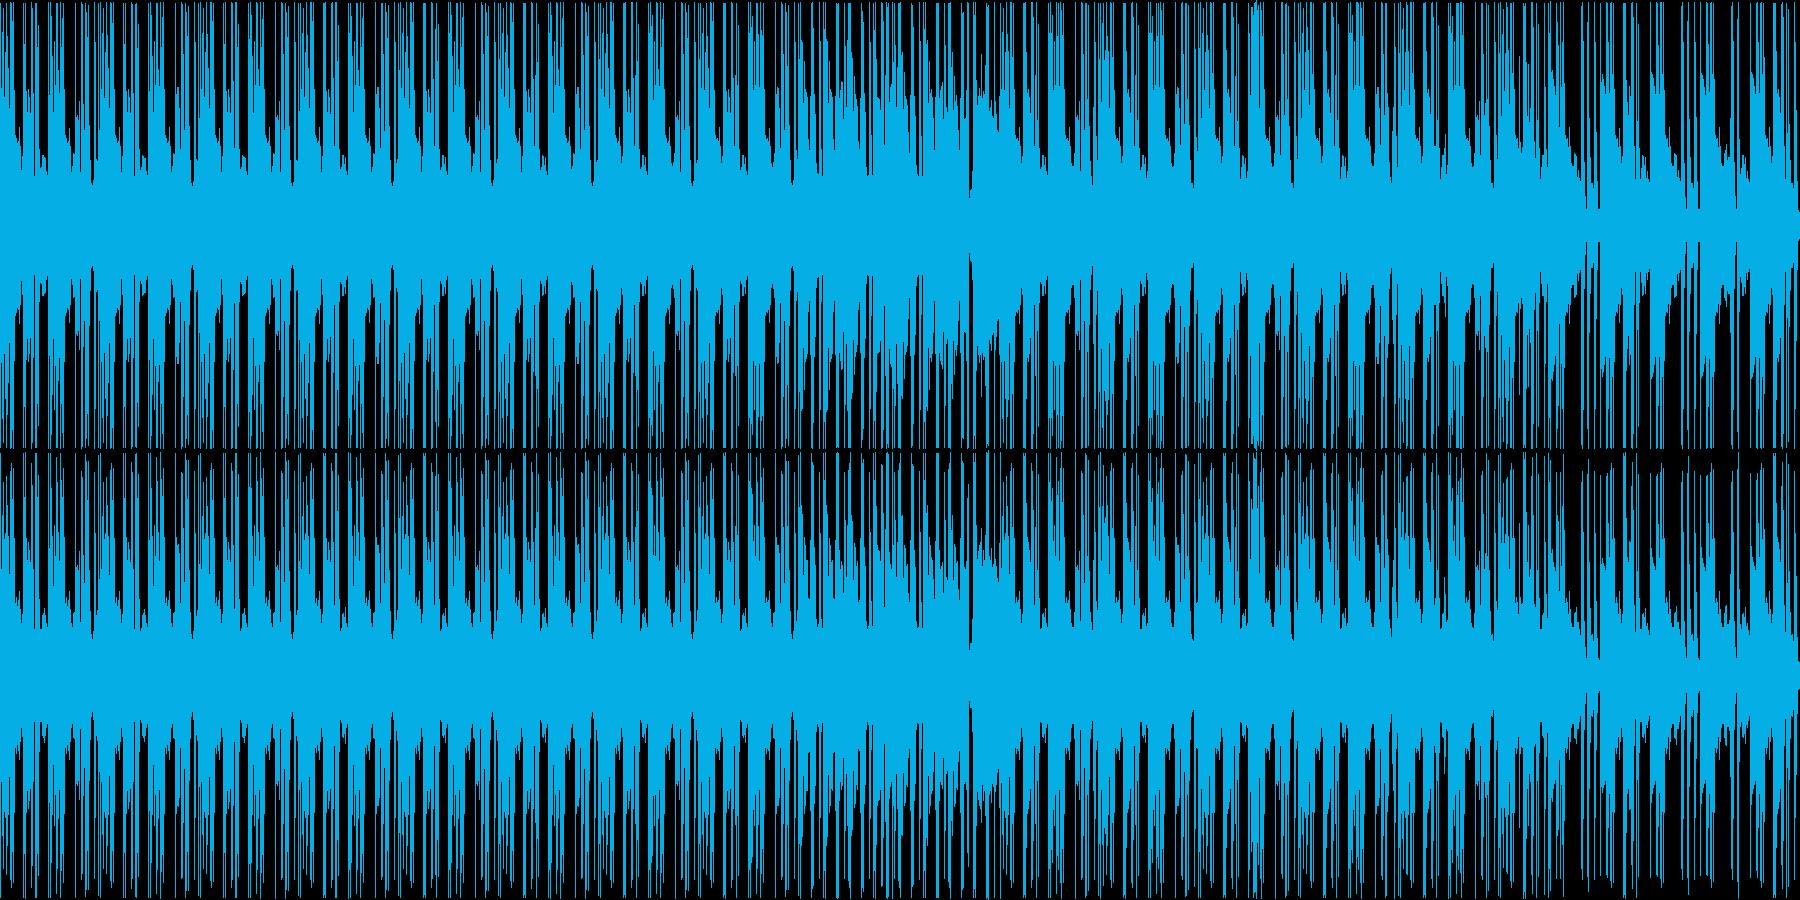 ヒップホップでジャジーなBGM_LOOPの再生済みの波形